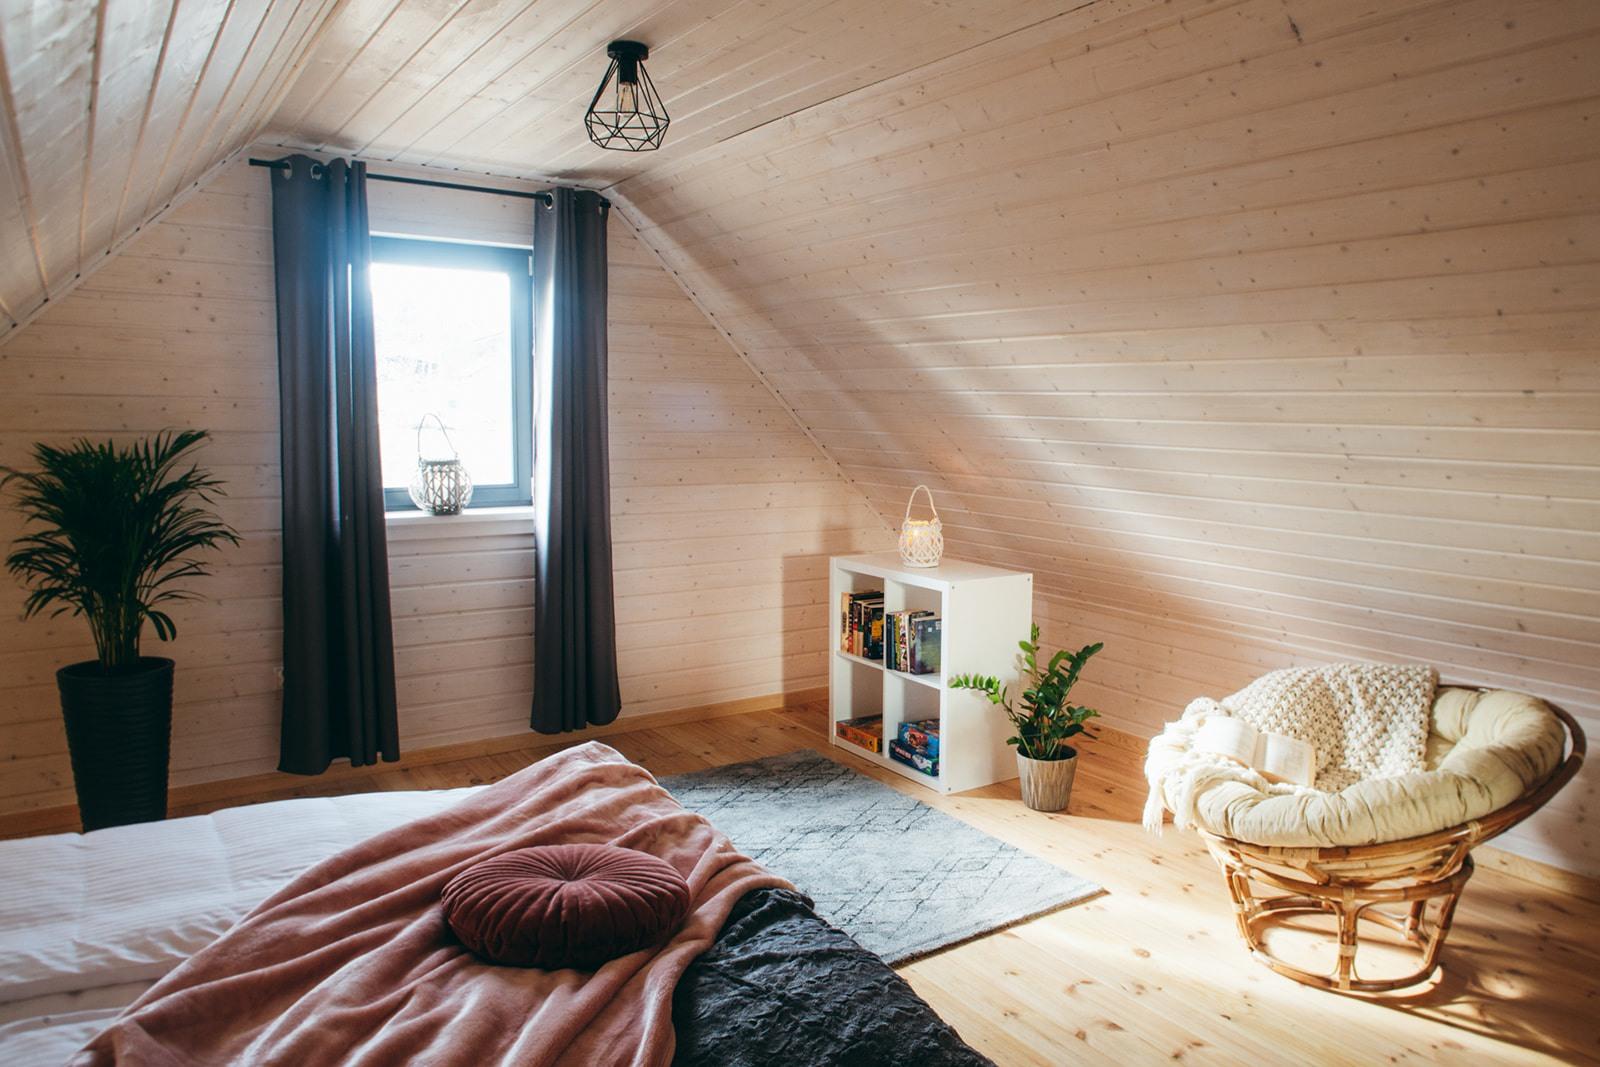 Domki nad Jeziorem Żywieckim, wnętrze, sypialnia duża widok 2